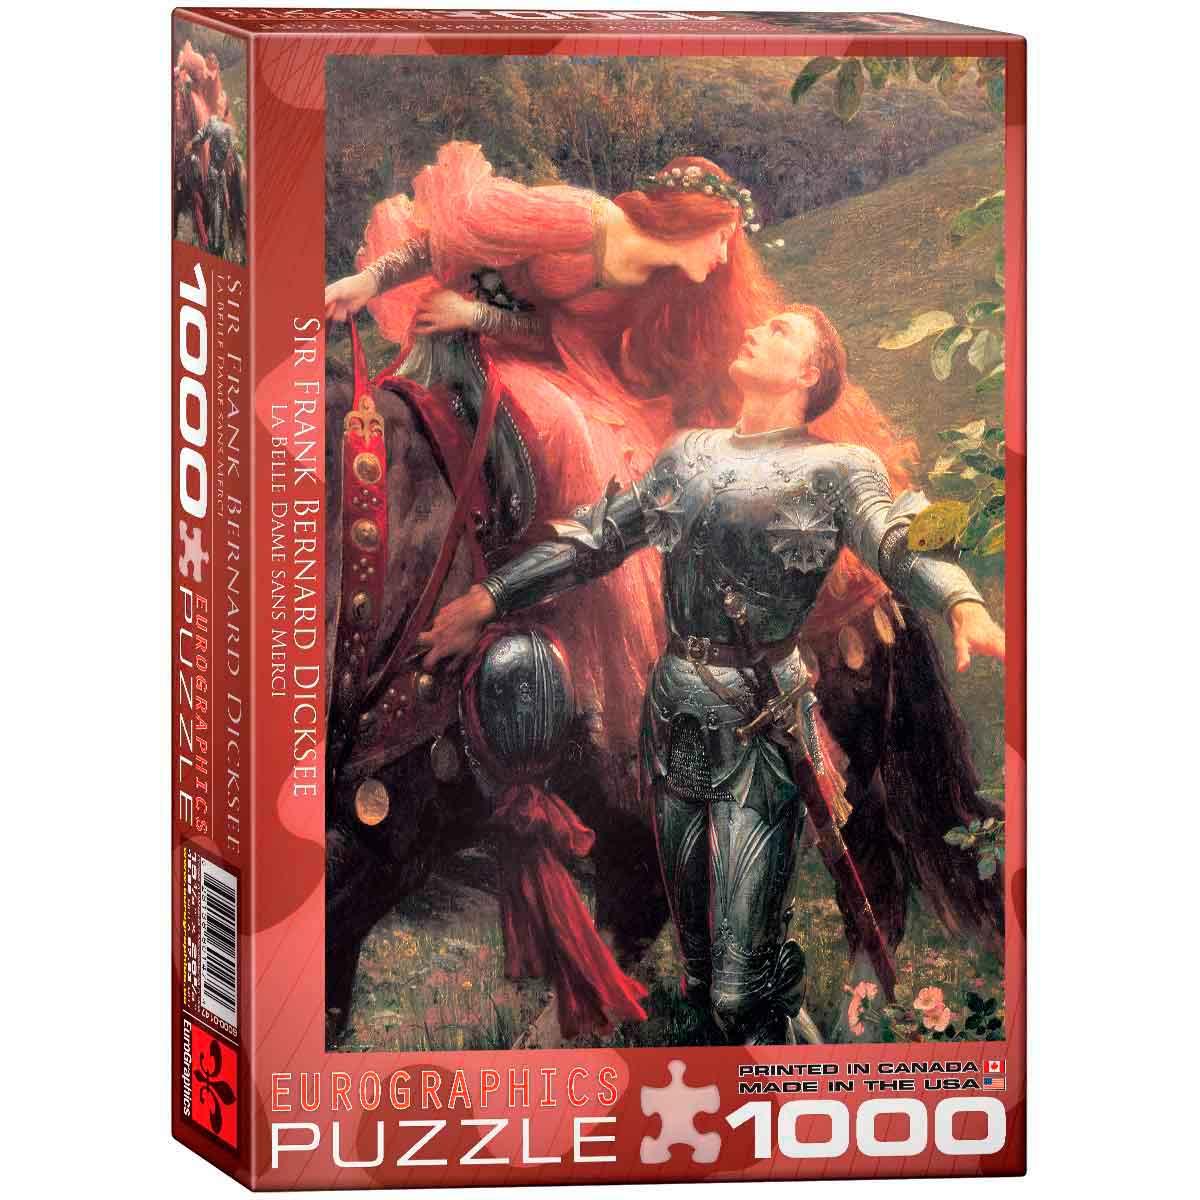 Puzzle Eurographics La Bella Dama de 1000 Piezas